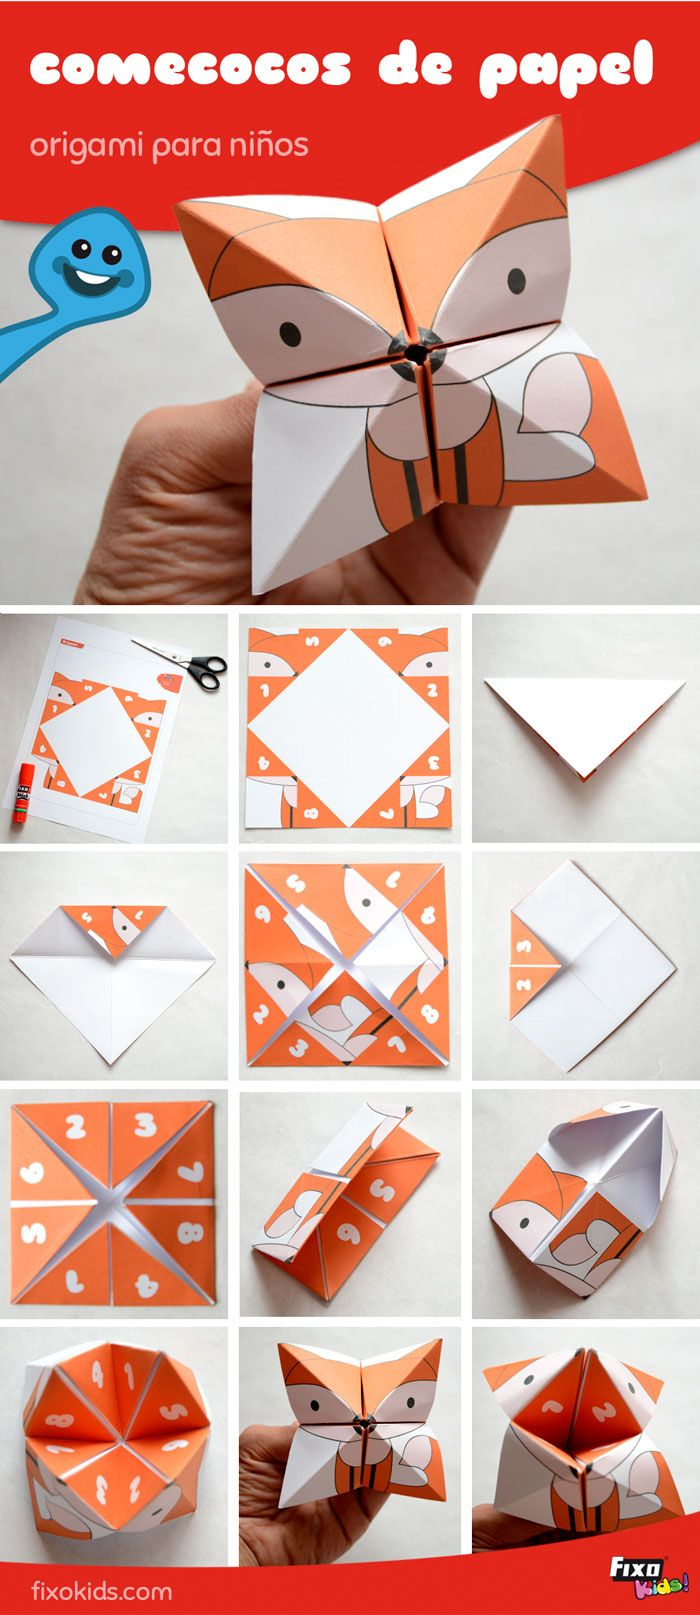 Cmo hacer un comecocos de papel de manera fcil fixokids cmo hacer un comecocos de papel de manera fcil fixokids diy dogpaper craftsorigamipaper gamescrafts jeuxipadfo Images